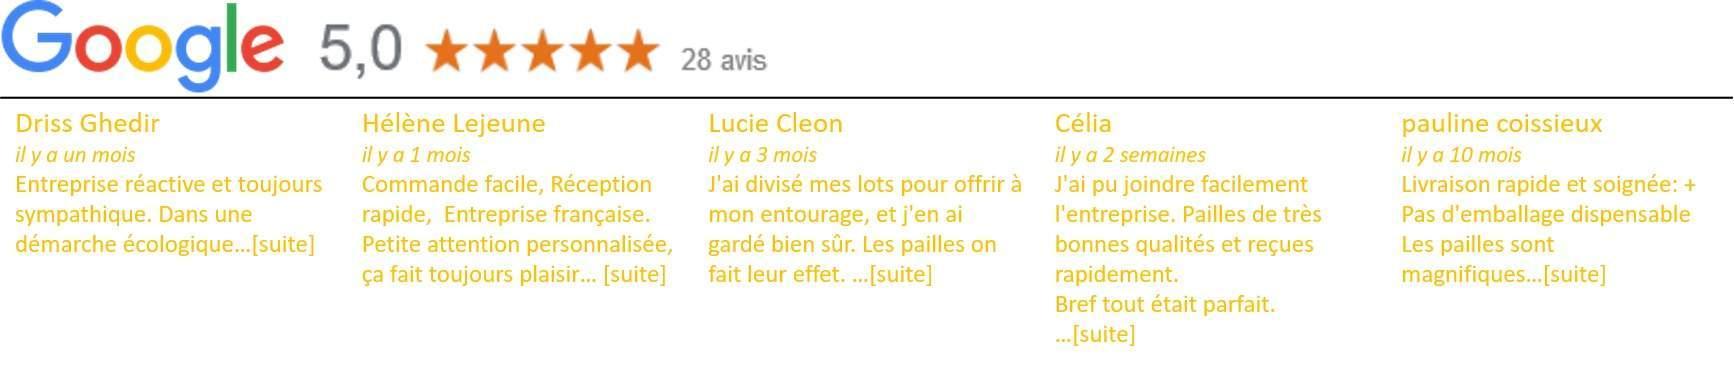 Spécialiste français de la vente de paille inox en lot